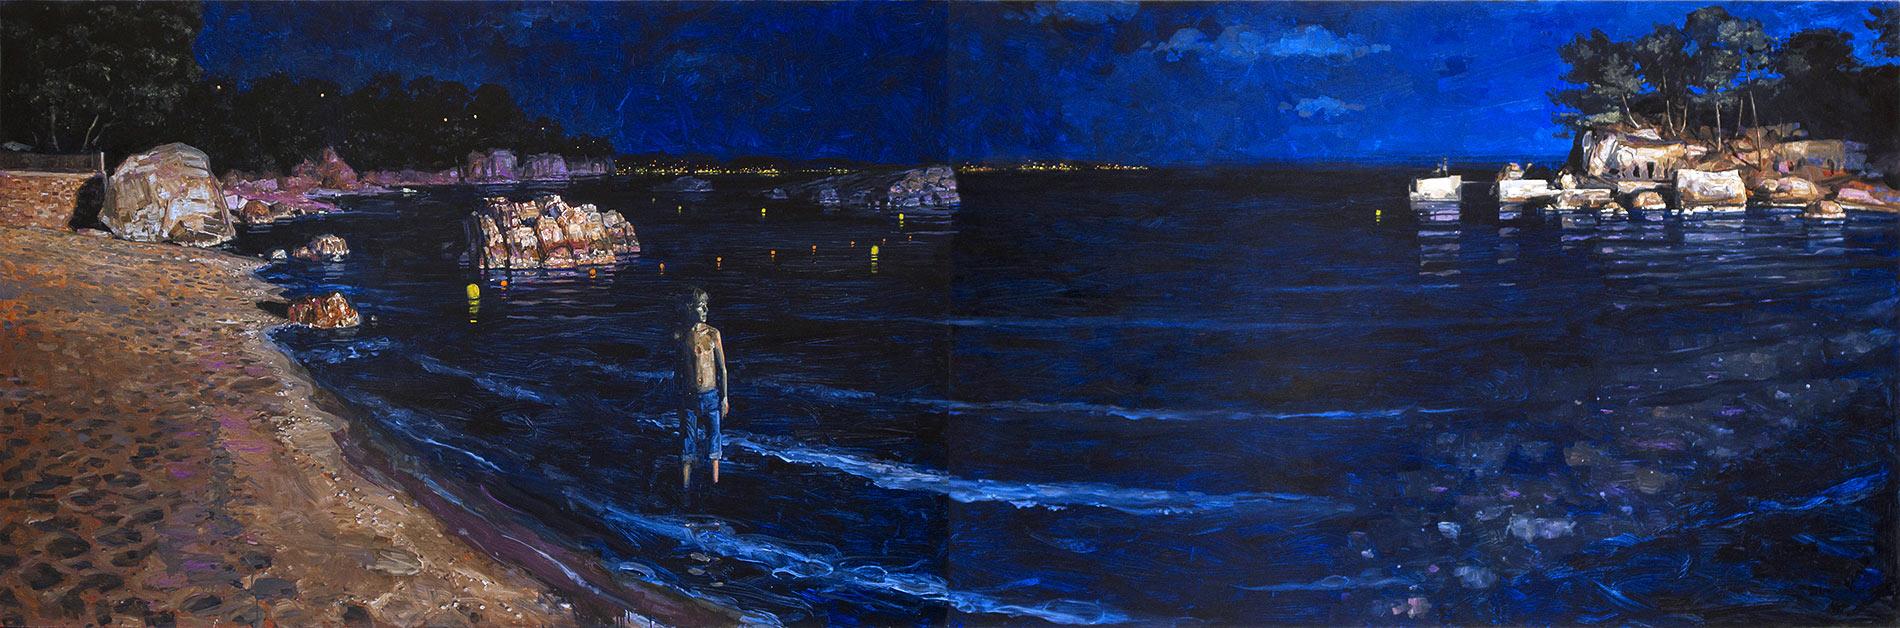 La plage (le bruit de la nuit). Diptyque, huile sur toile, 127 x 192 cm